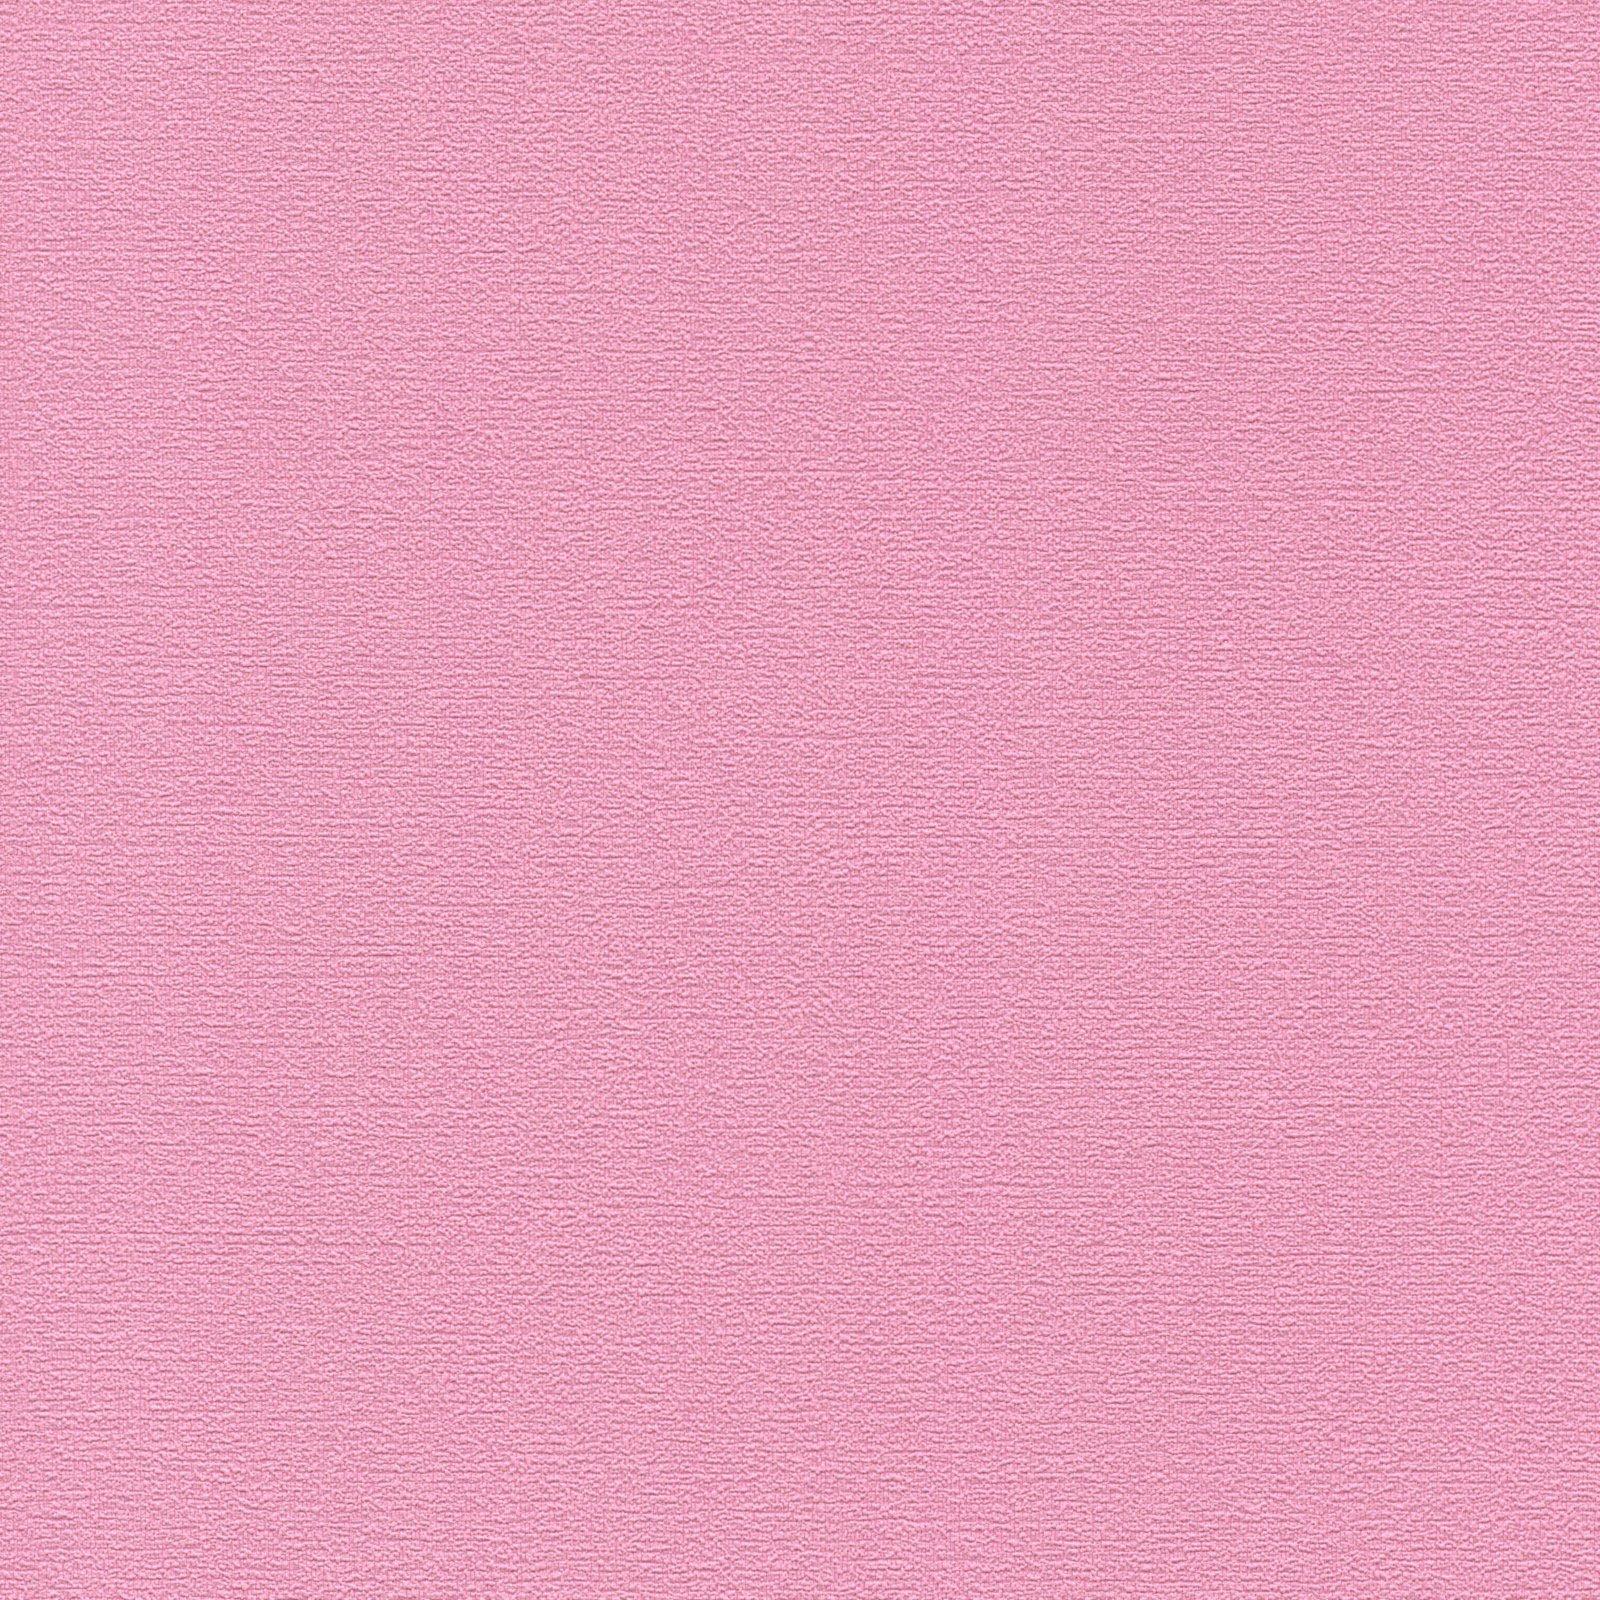 Vliestapete uni pink 10 meter vliestapeten for Roller tapeten